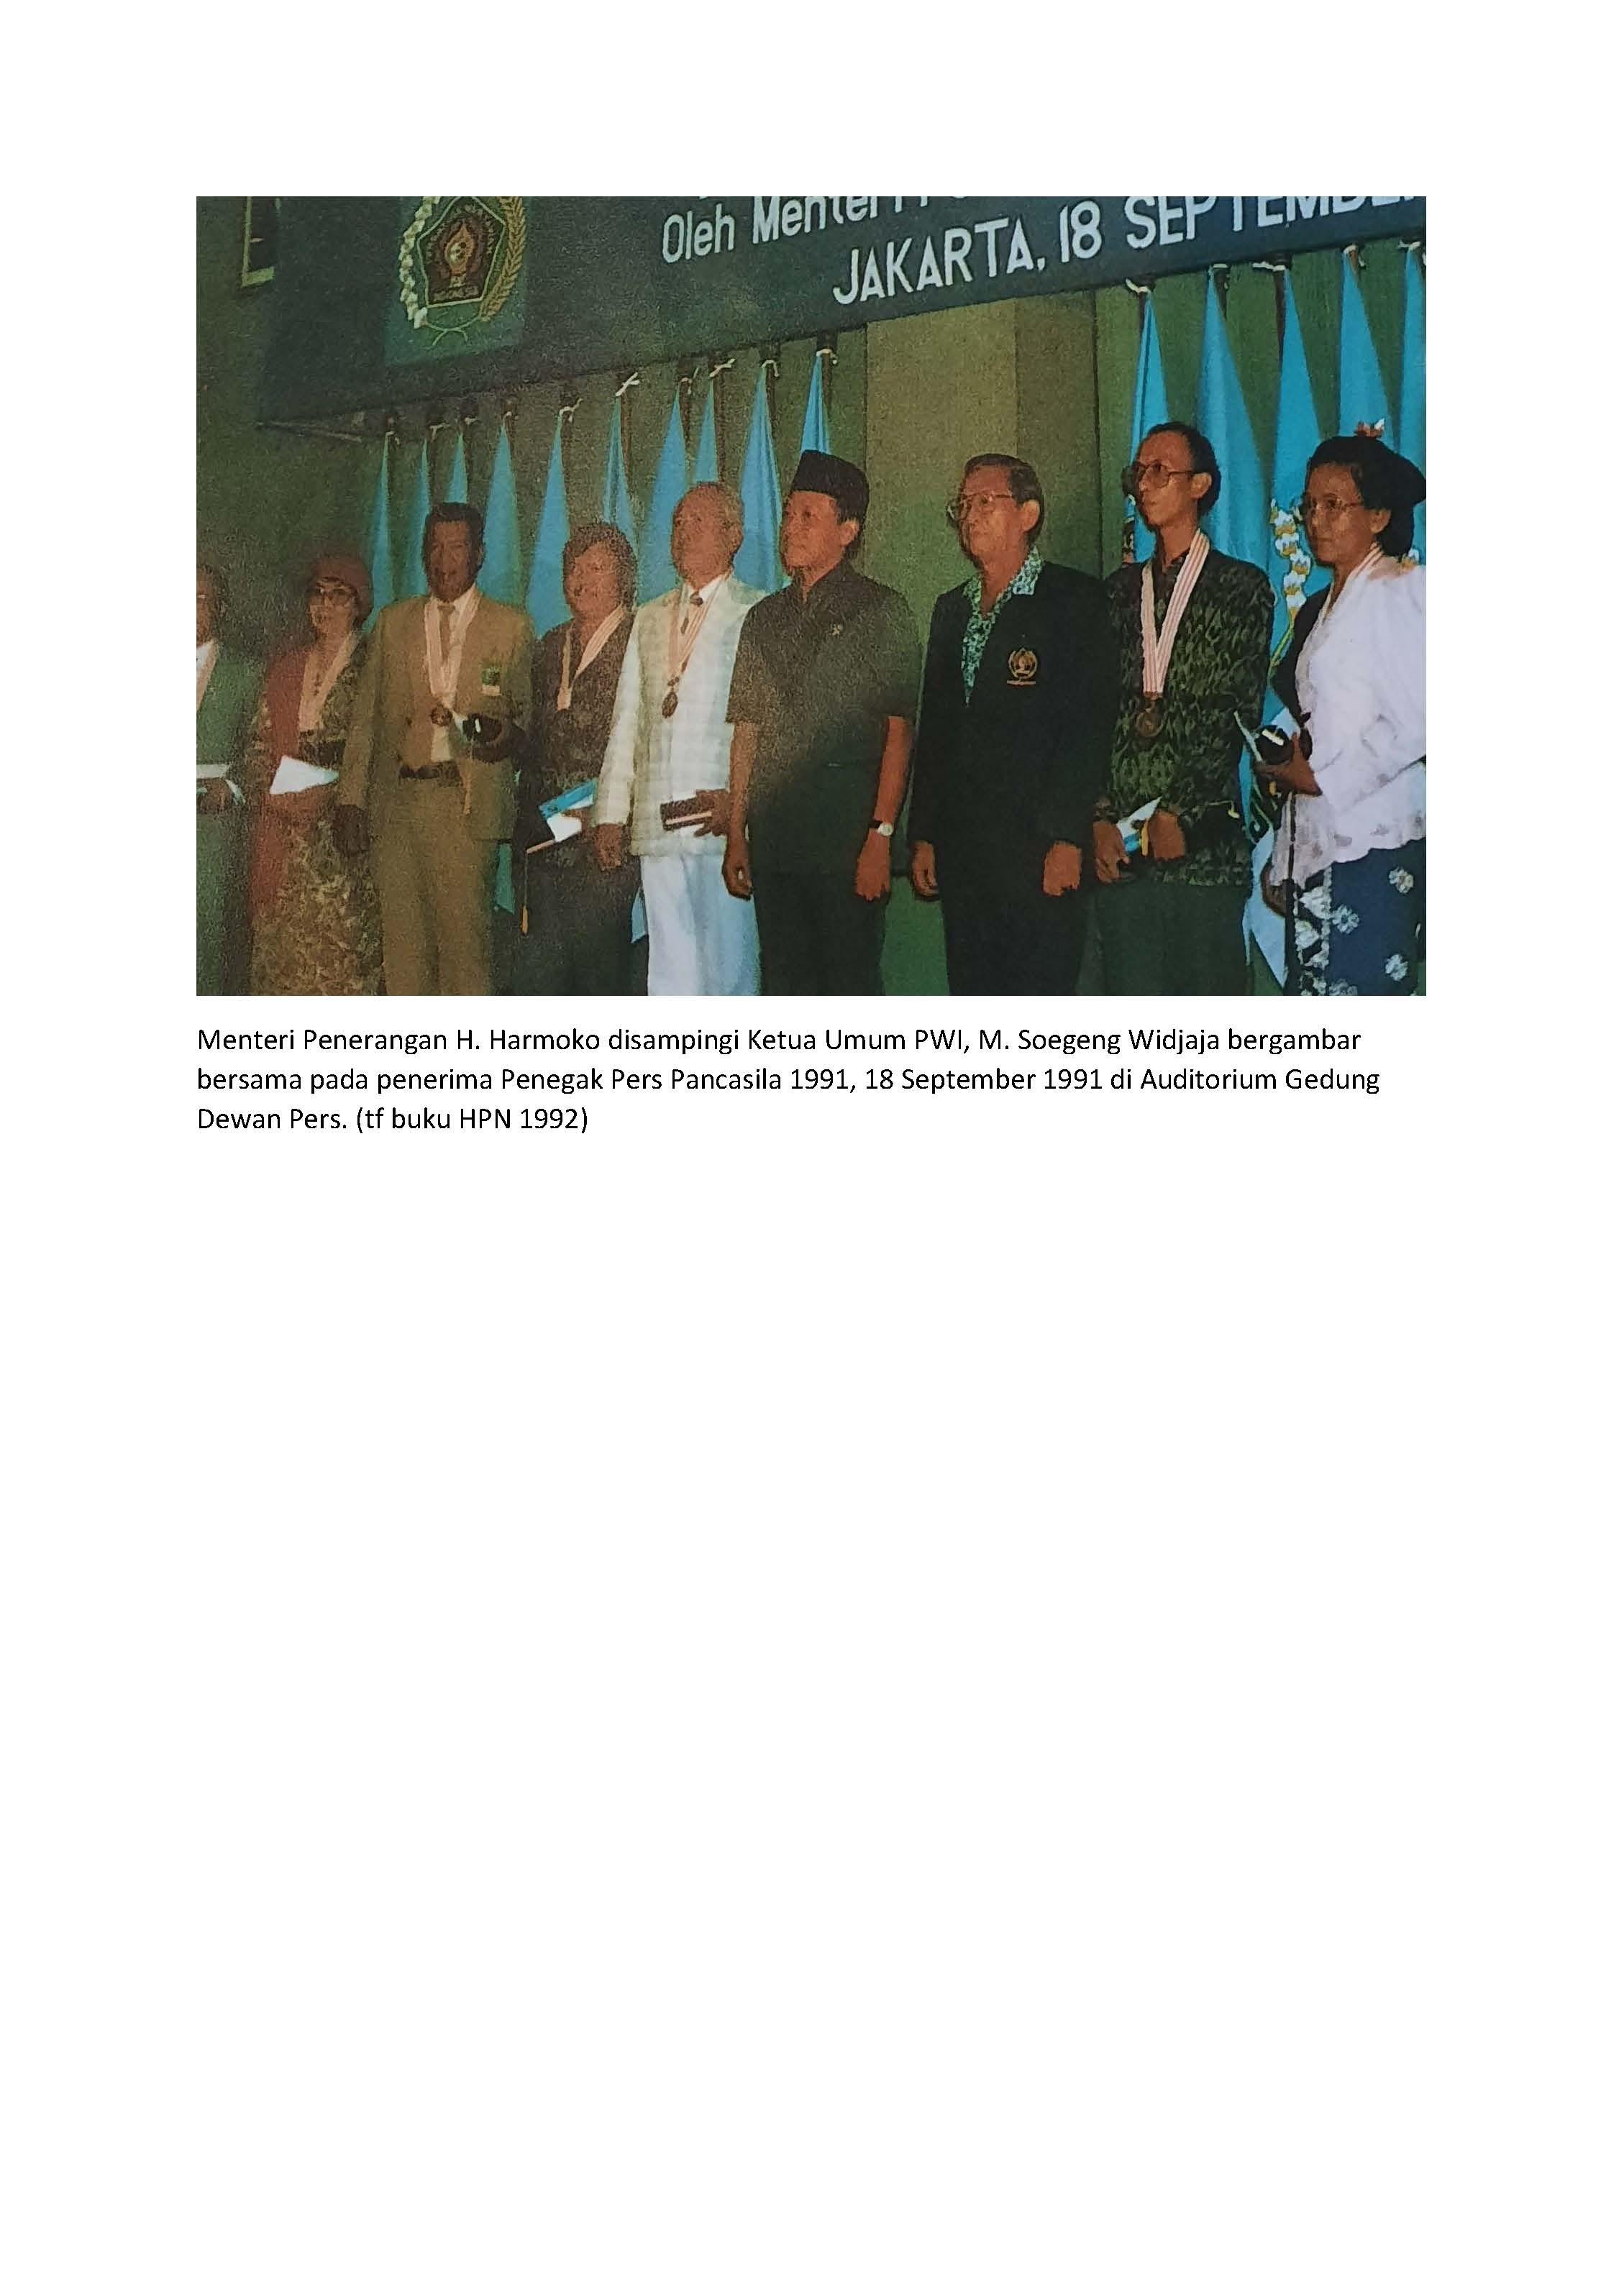 Daftar Penerima Penghargaan Penegak Pers Pancasila Tahun 1991